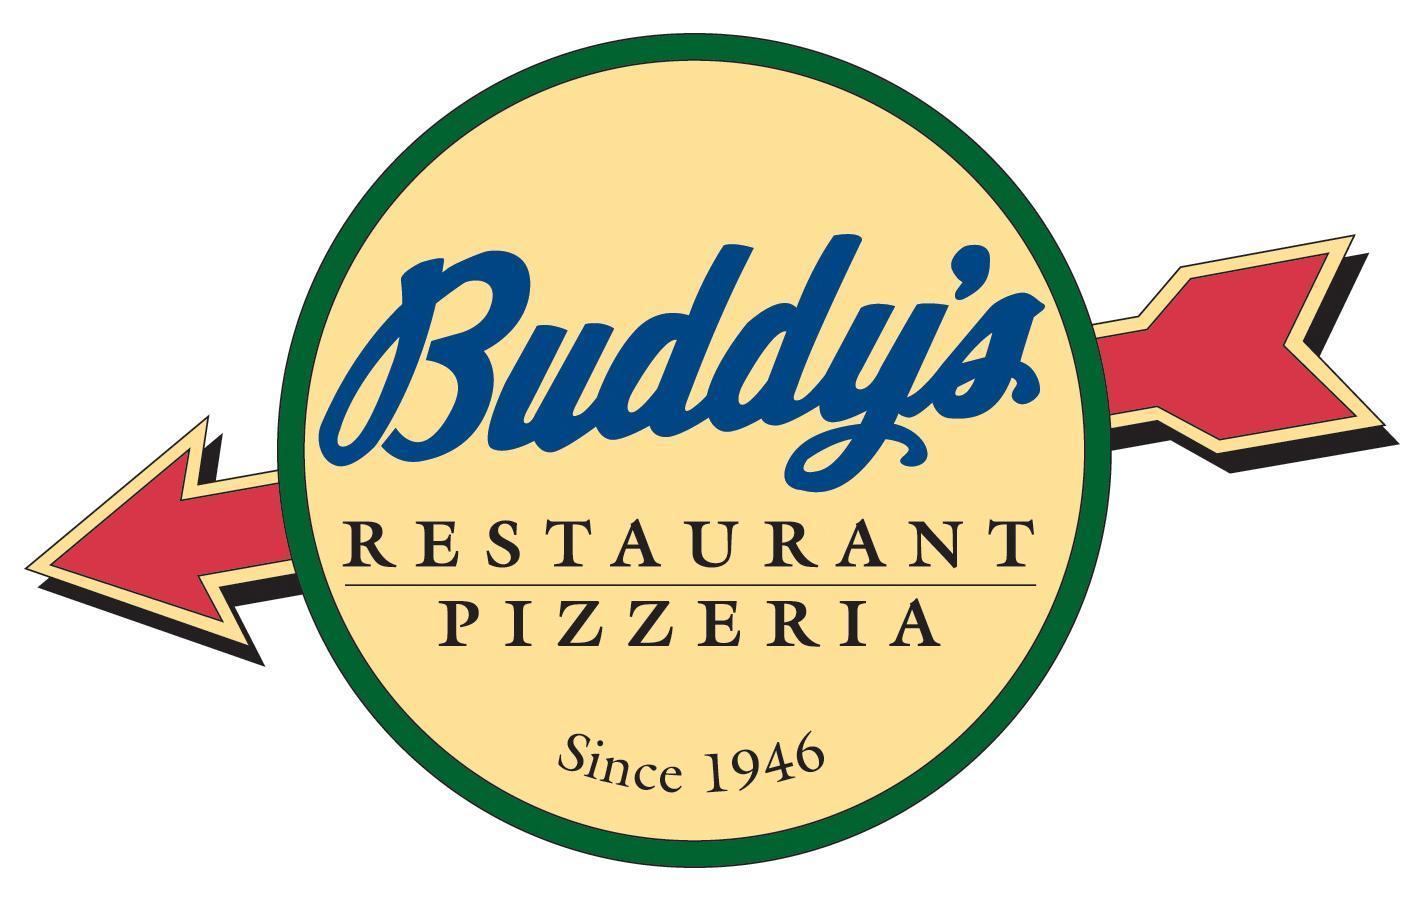 Buddy's Pizza company logo